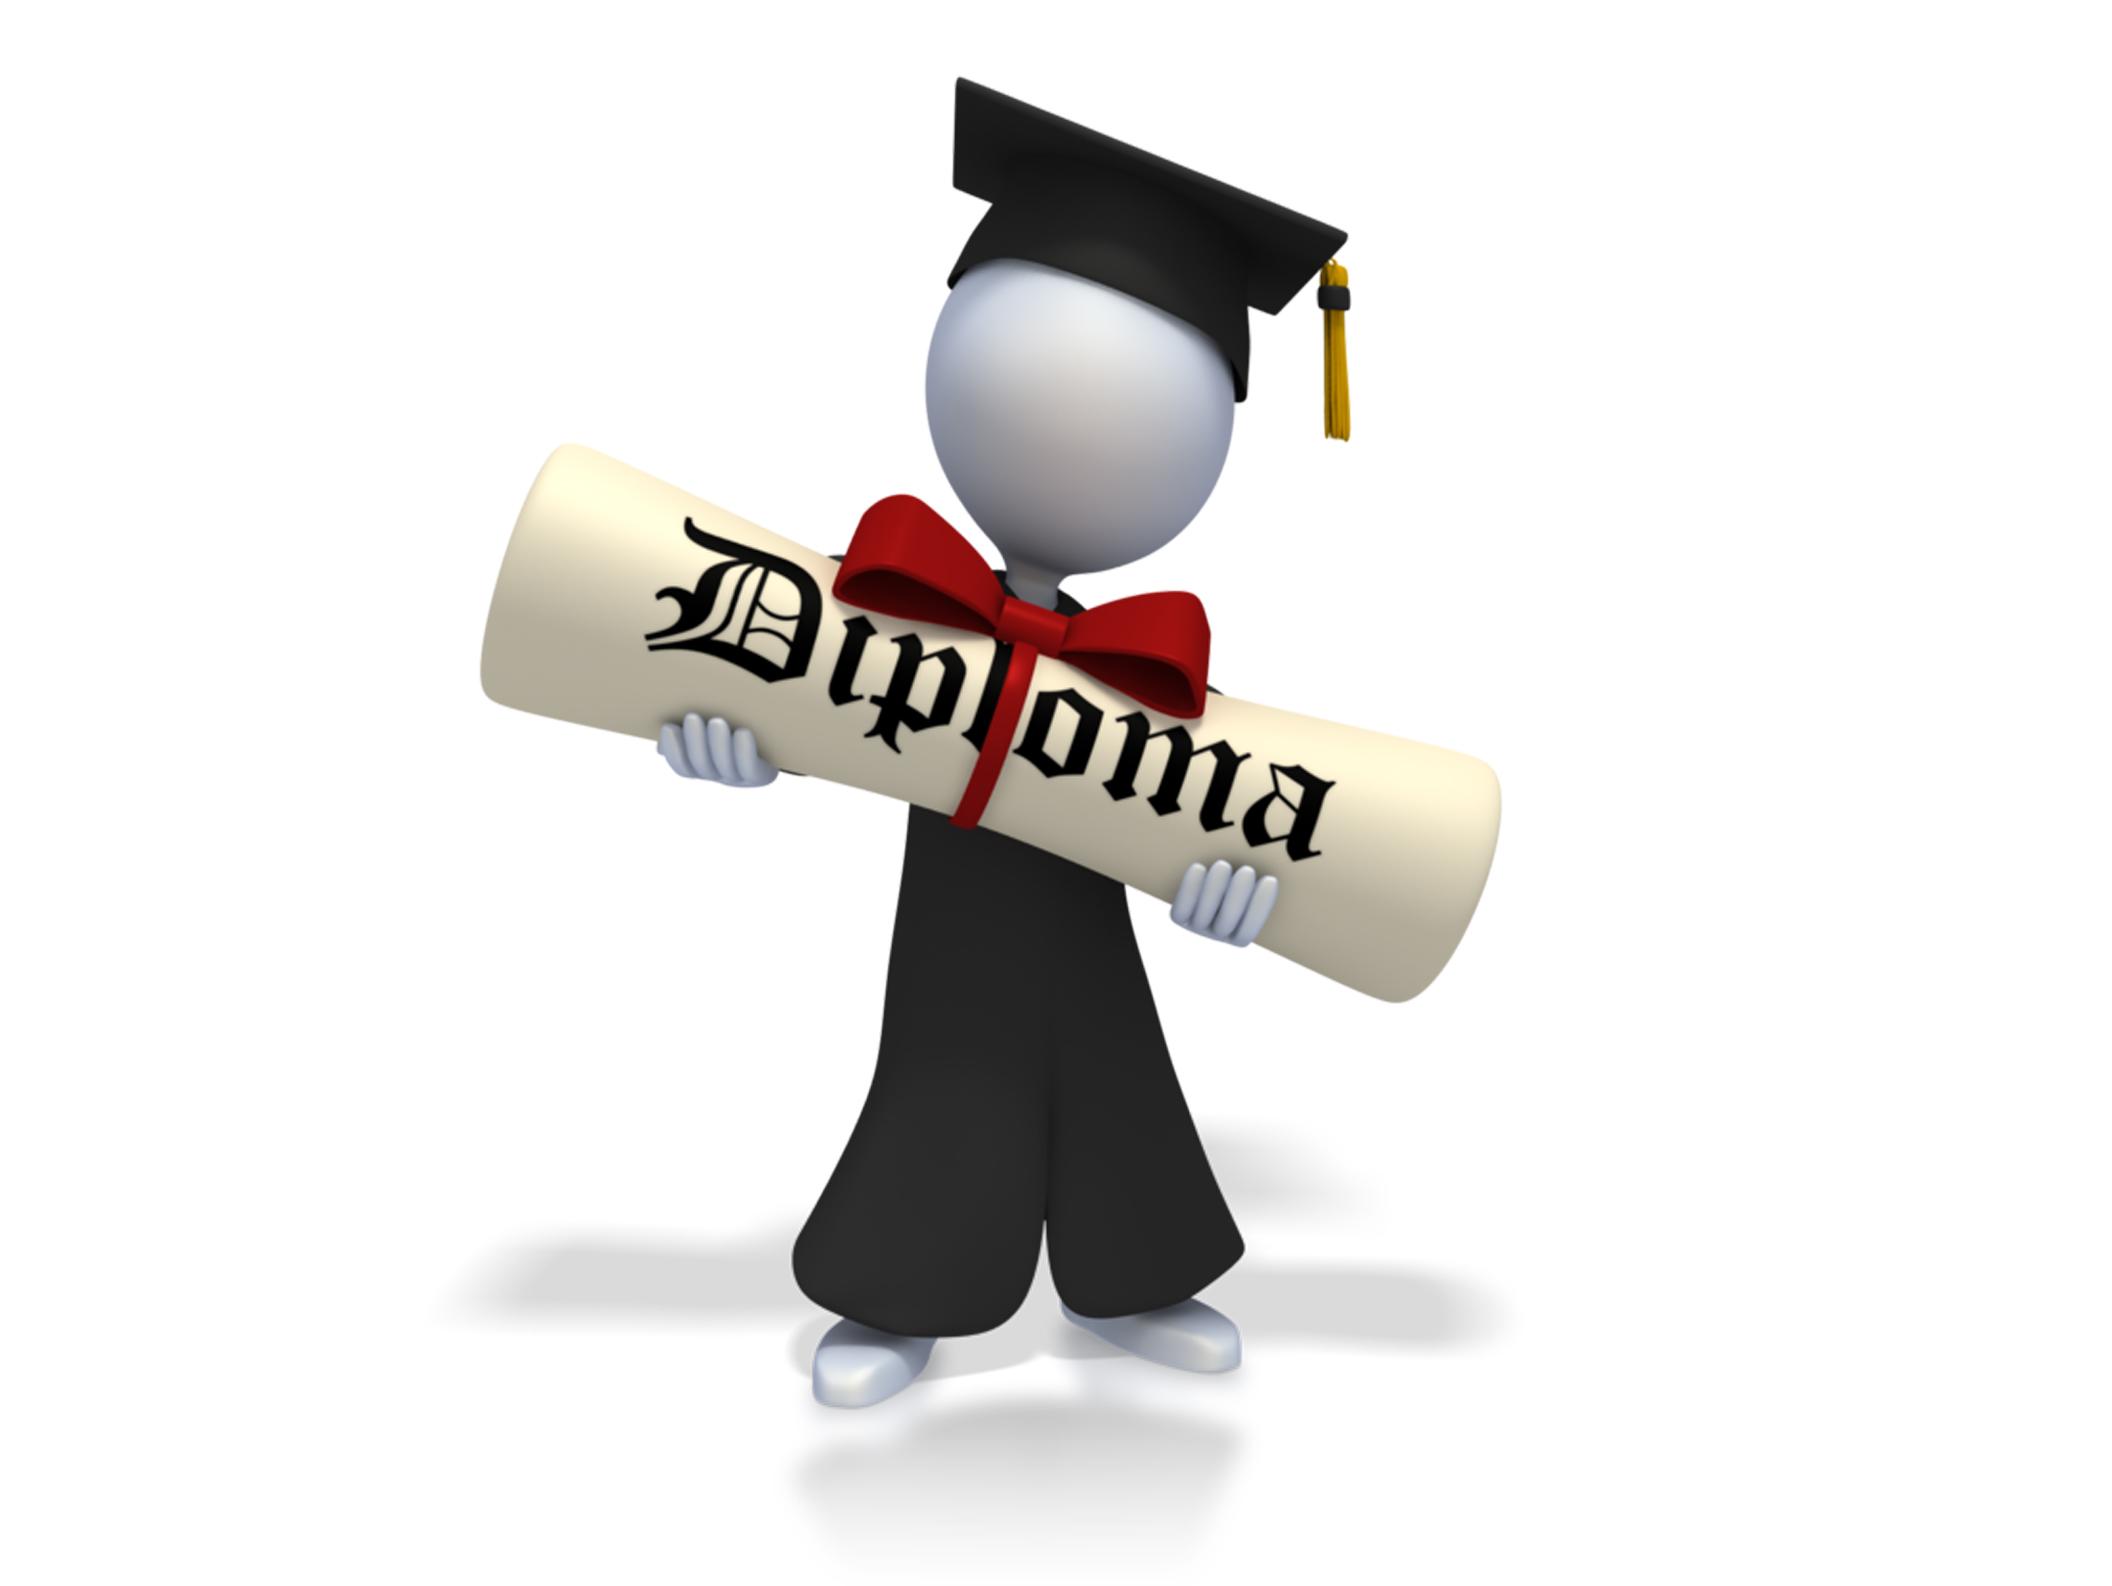 Benefits of Having GED Diploma Reviews